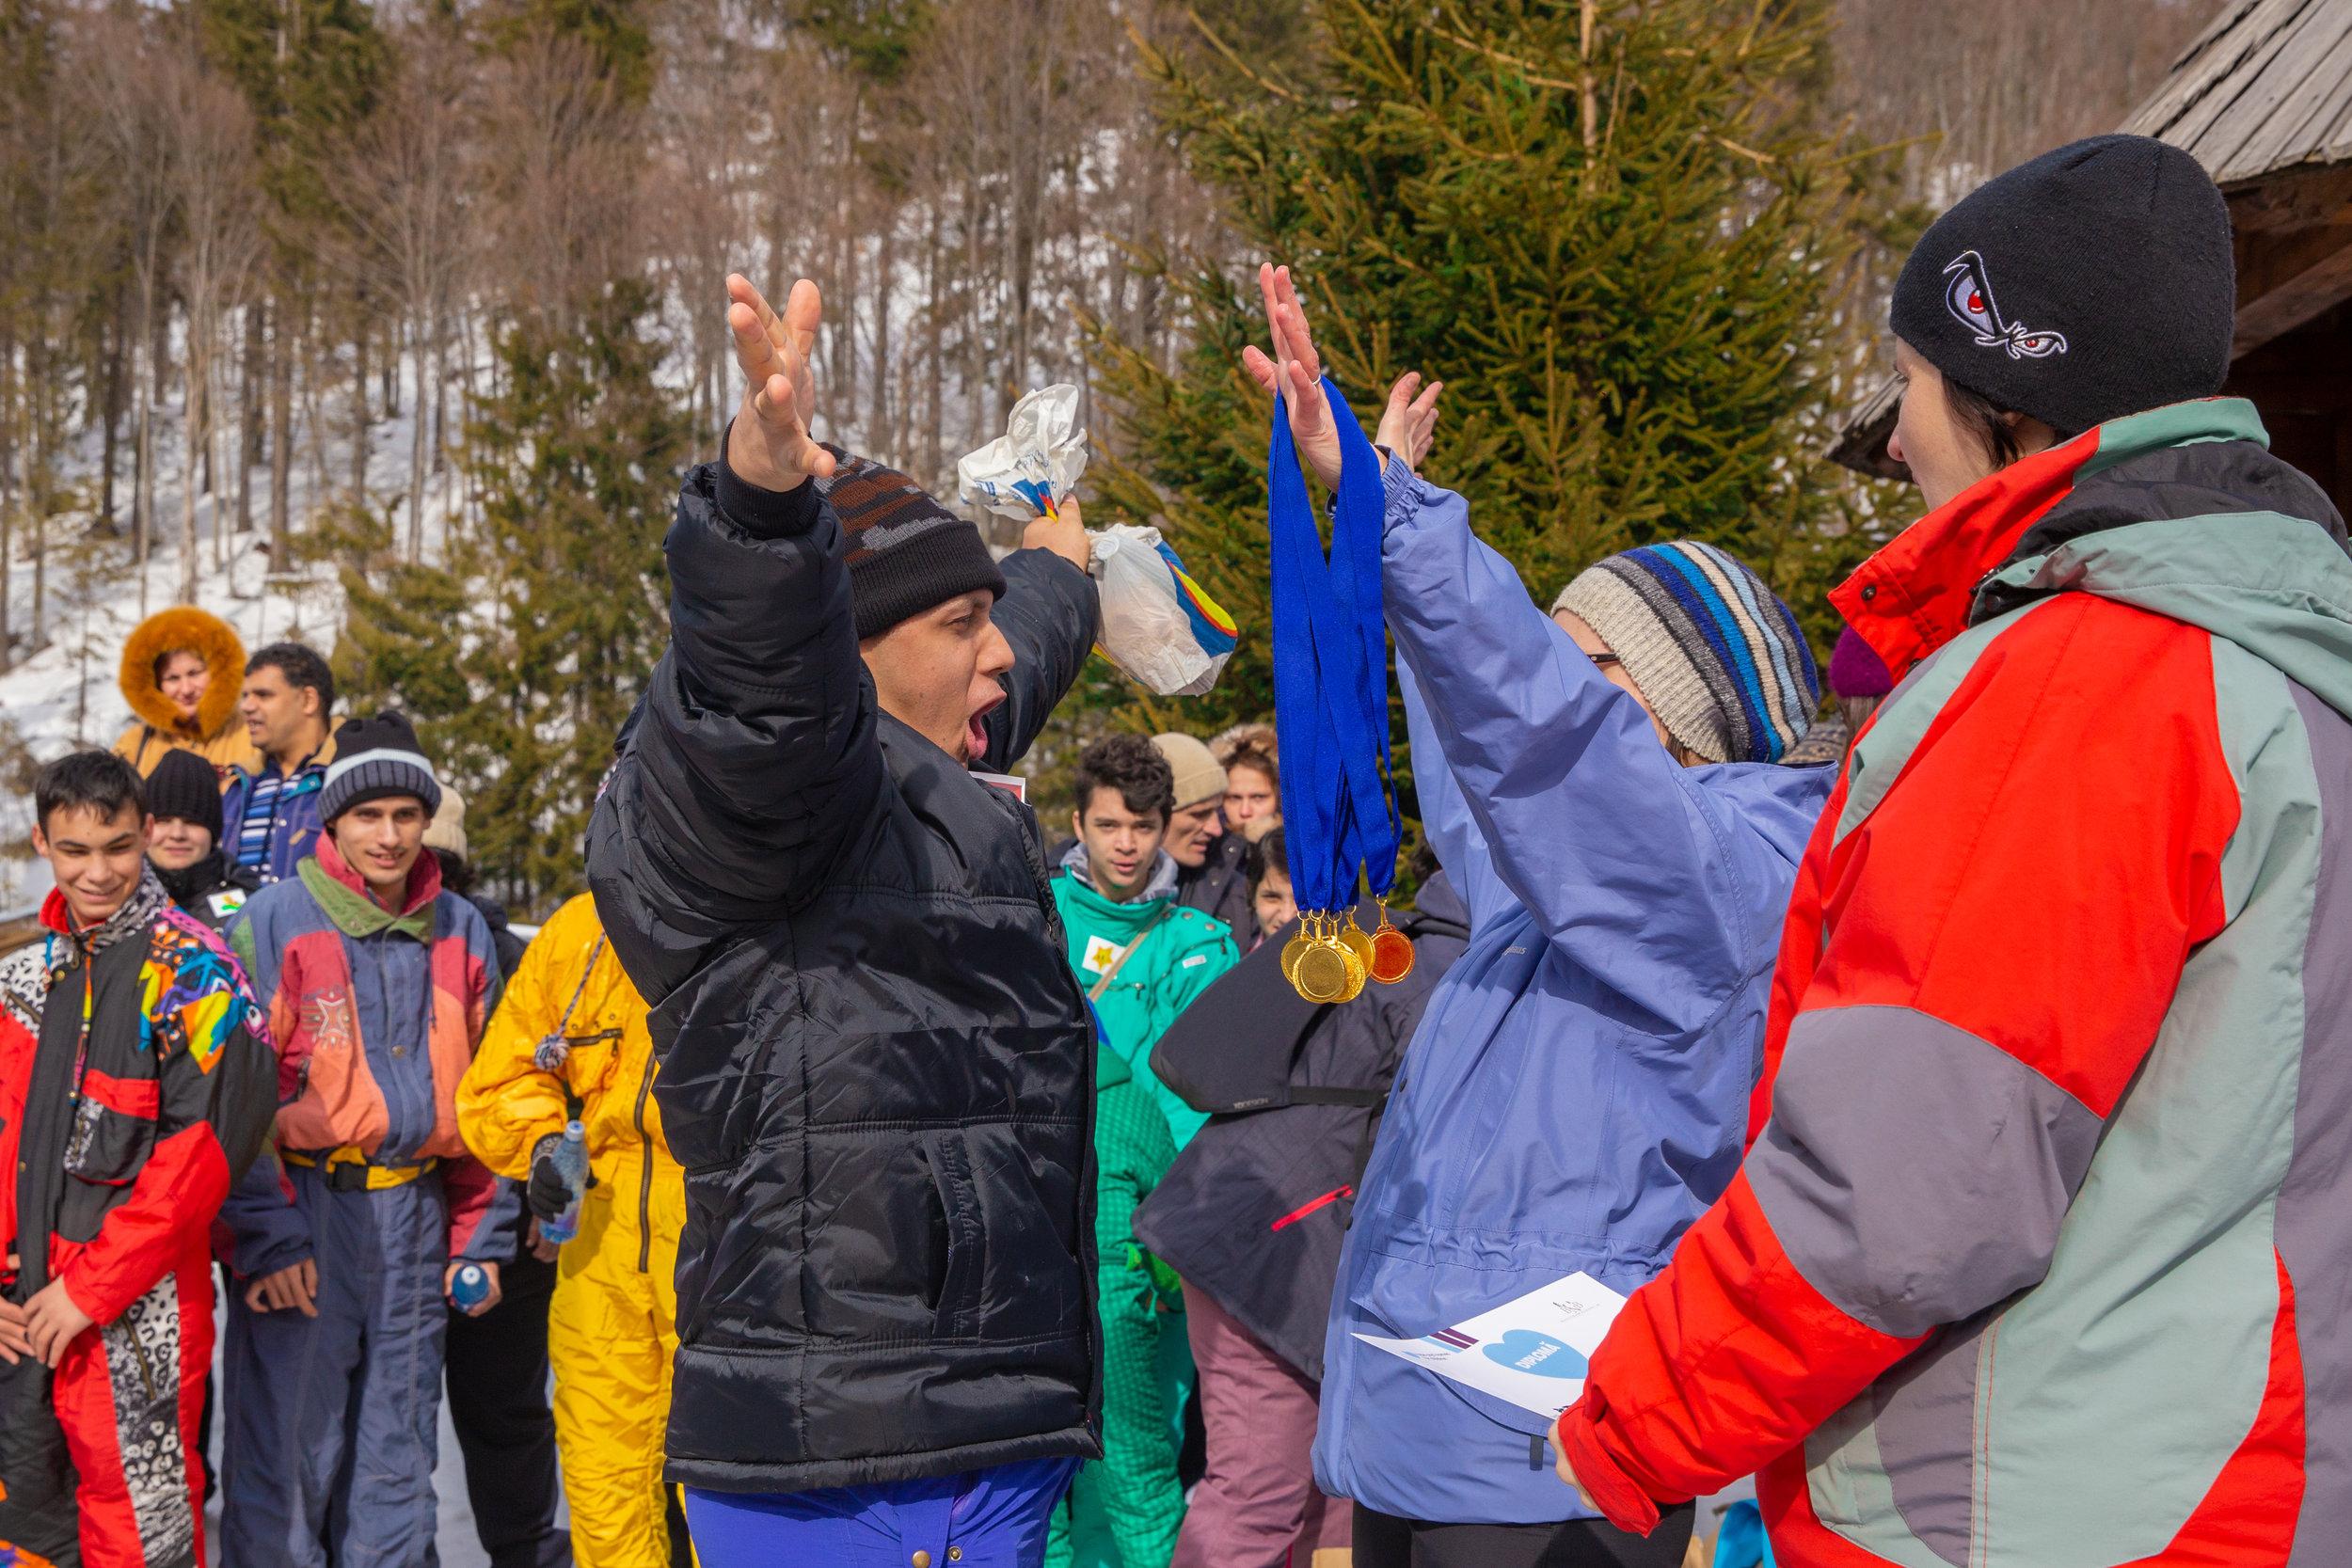 Jocurile Speciale de Iarna 2019_09_Foto Diana Sandor.jpg